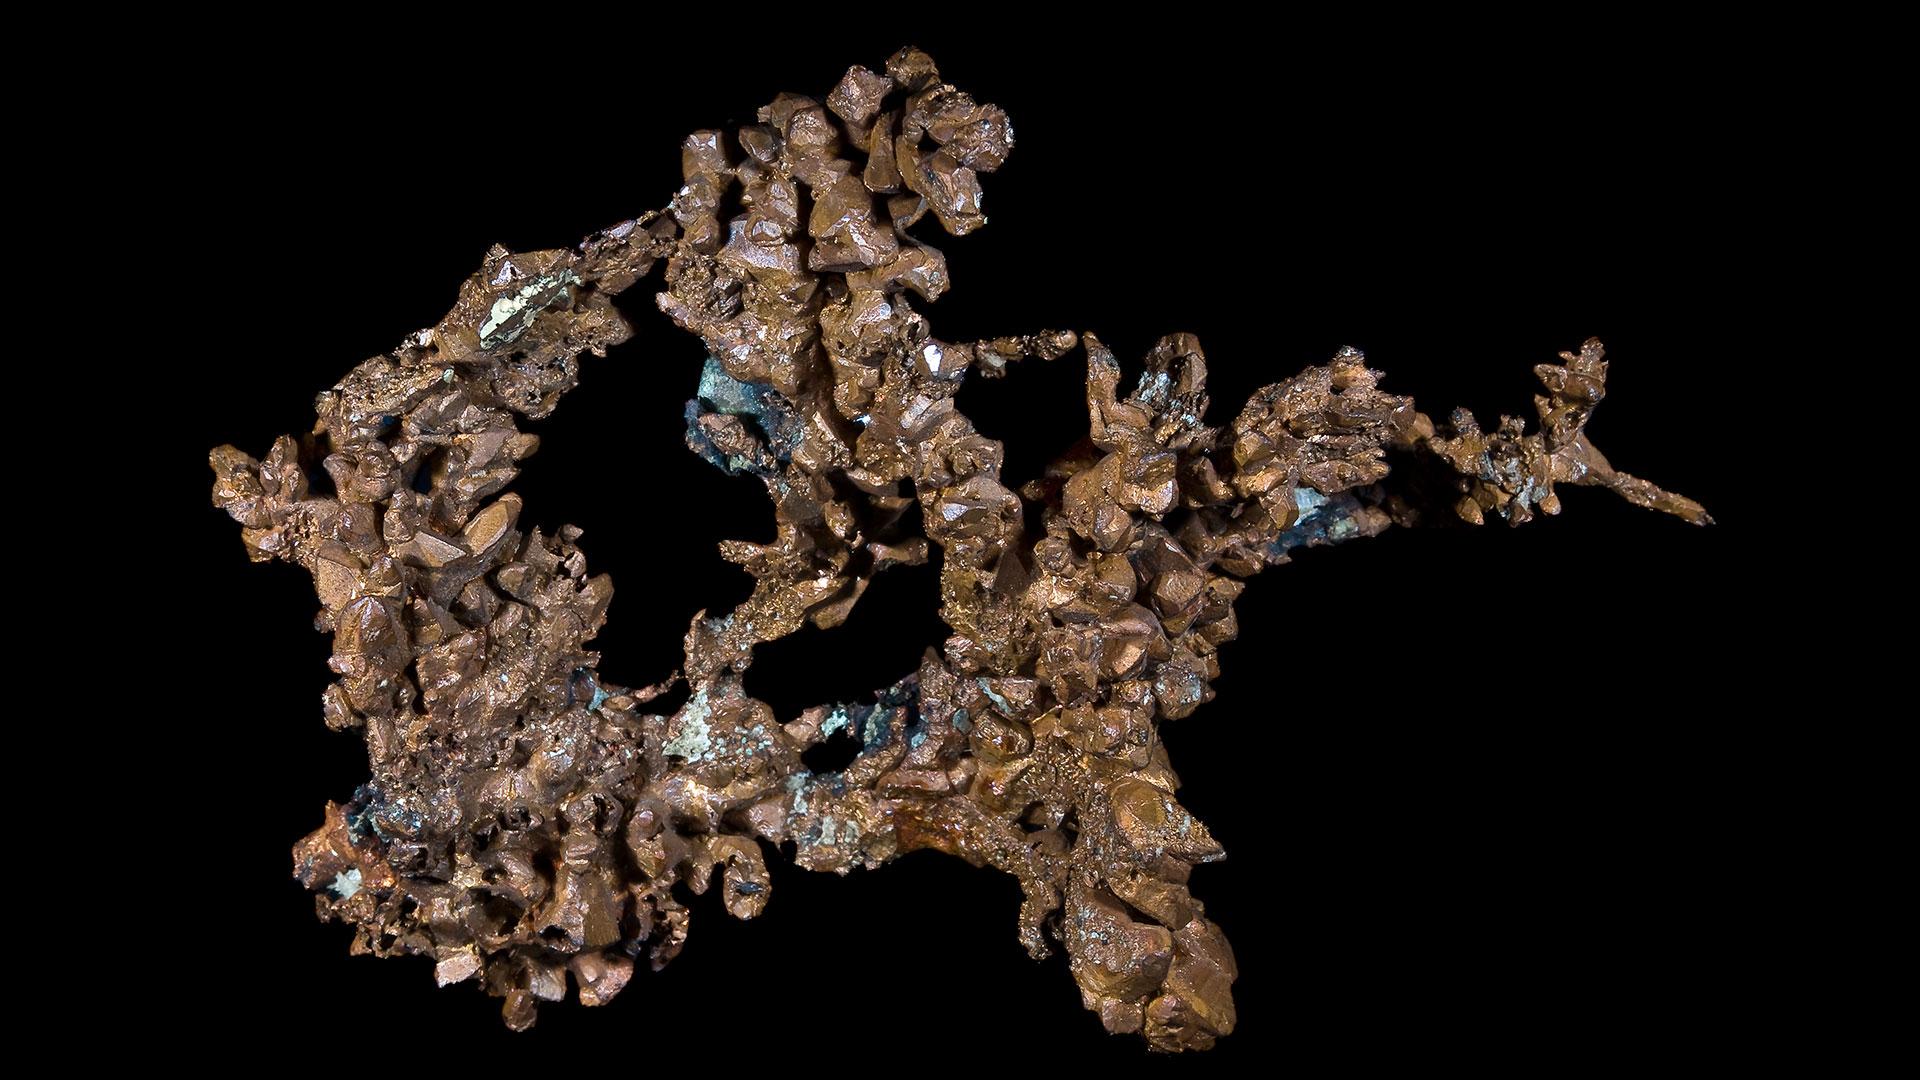 Copper Crystal Specimen - Original Photograph by Didier Descouens